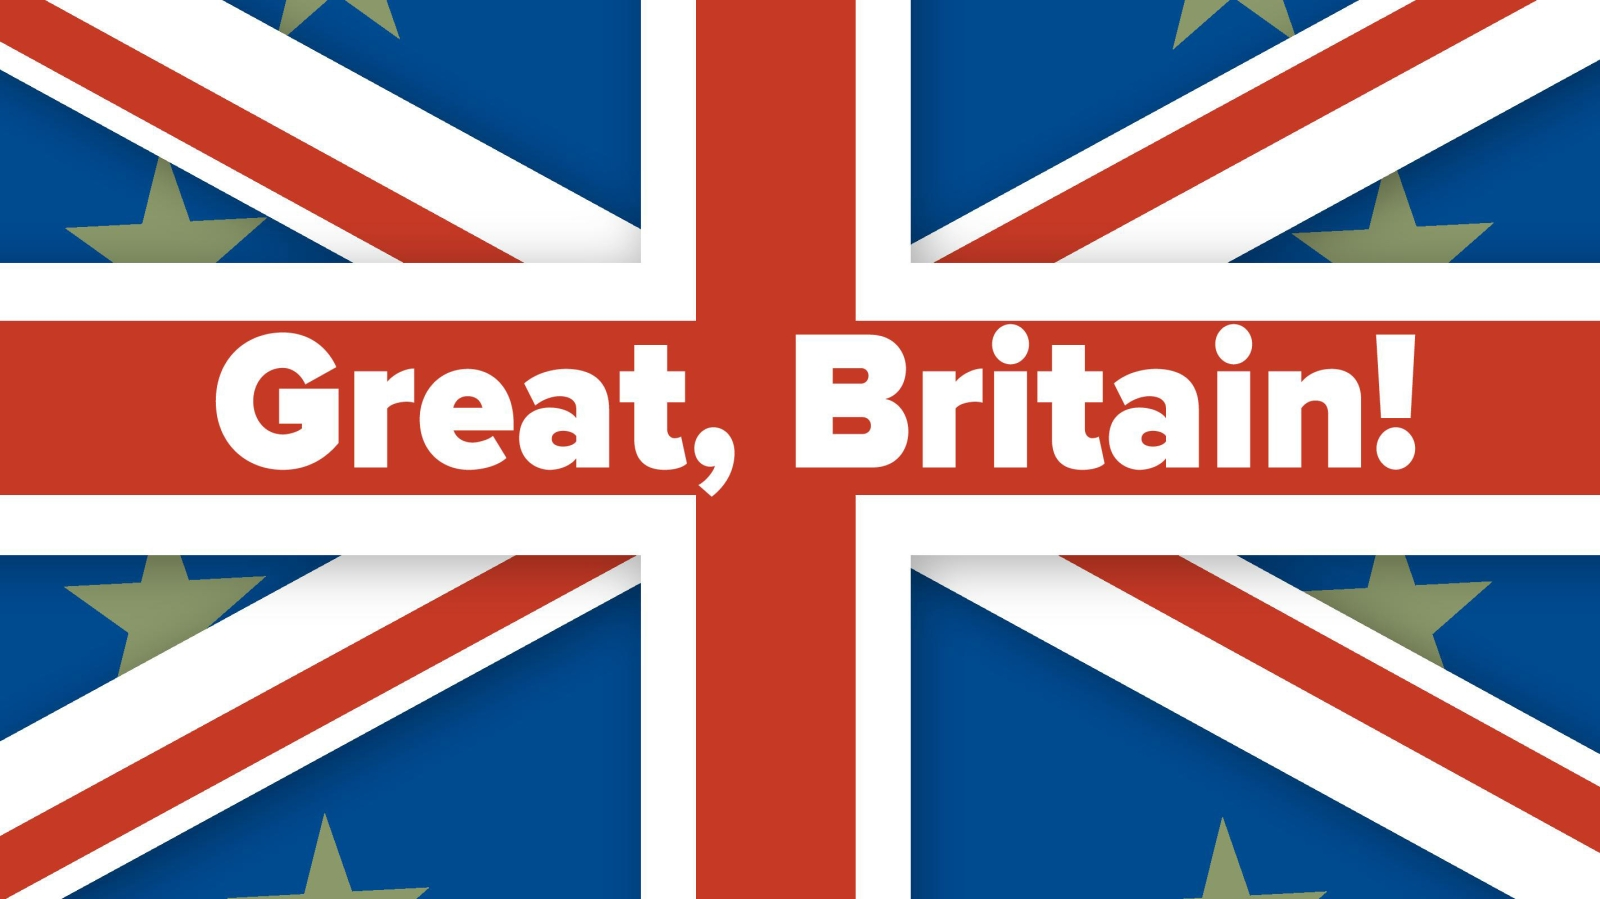 Delebilde fra 24. juni 2016. Dette bildet ble postet av Nei til EU på Facebook dagen etter folkeavstemningen 24. juni 2016, og ble sett av 122 000.